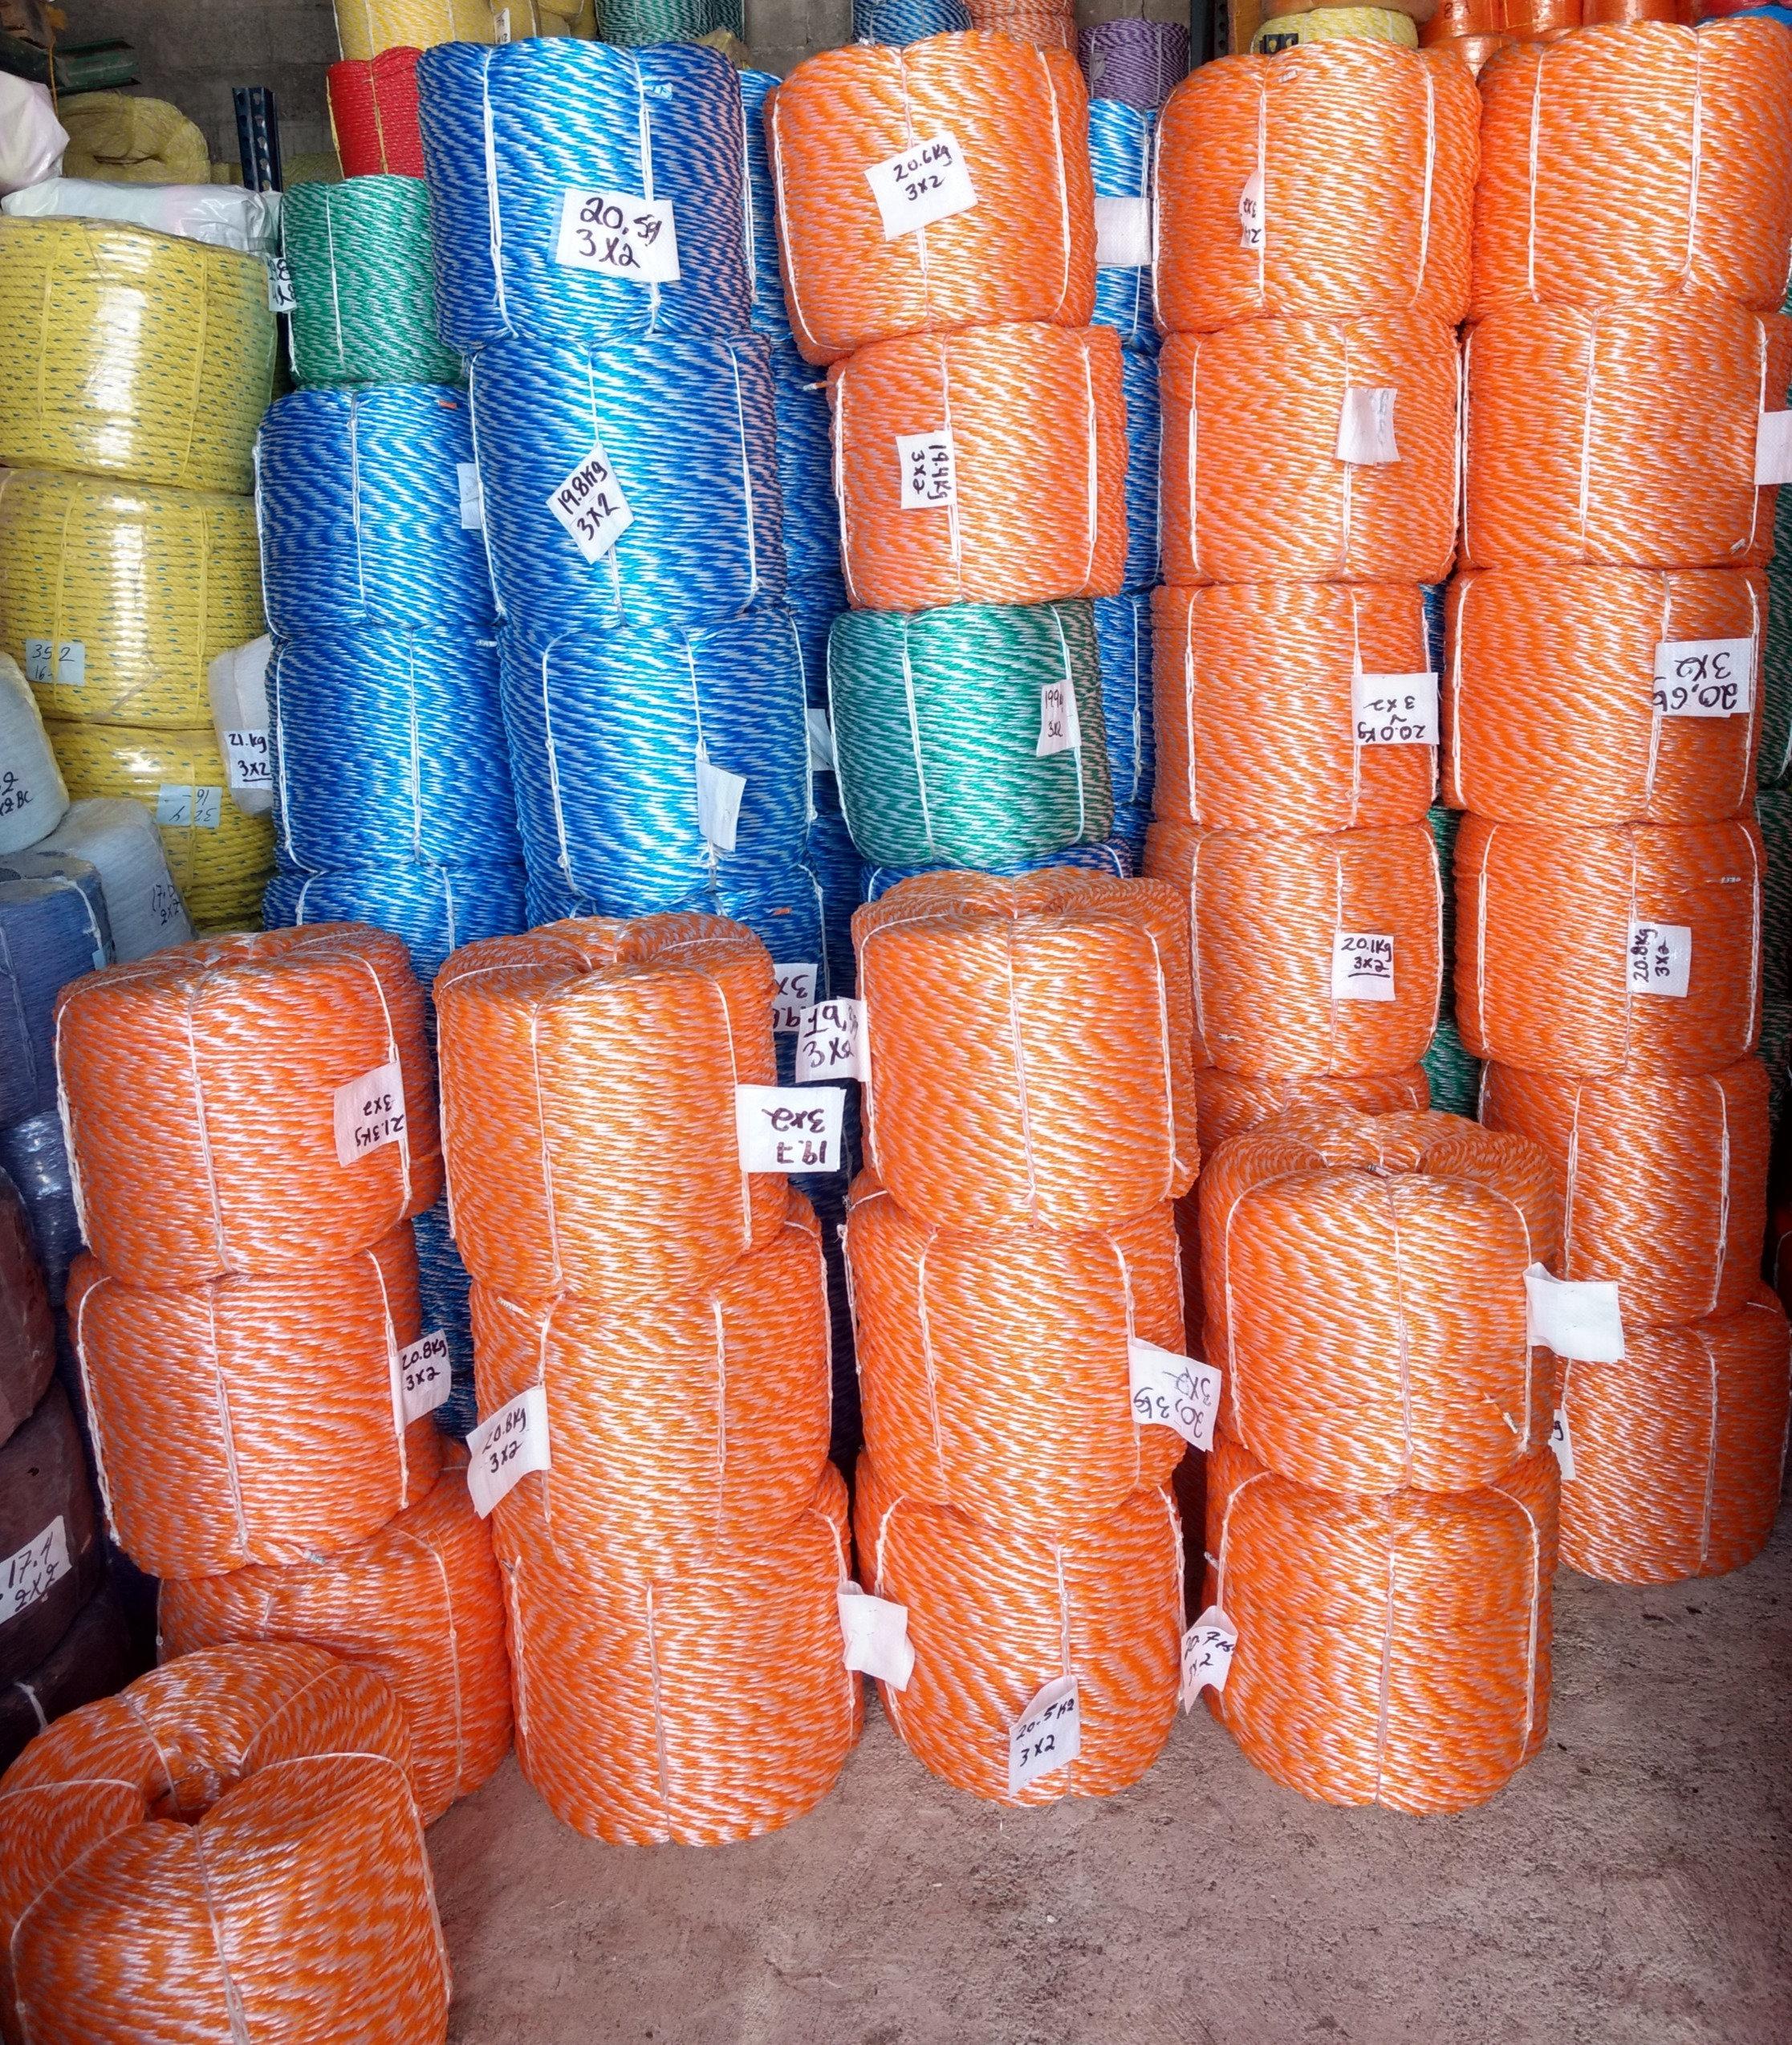 Hornrope 6mm 50m 3200 kg de plástico cuerda para cabrestantes fibras sintéticas cuerda todoterreno